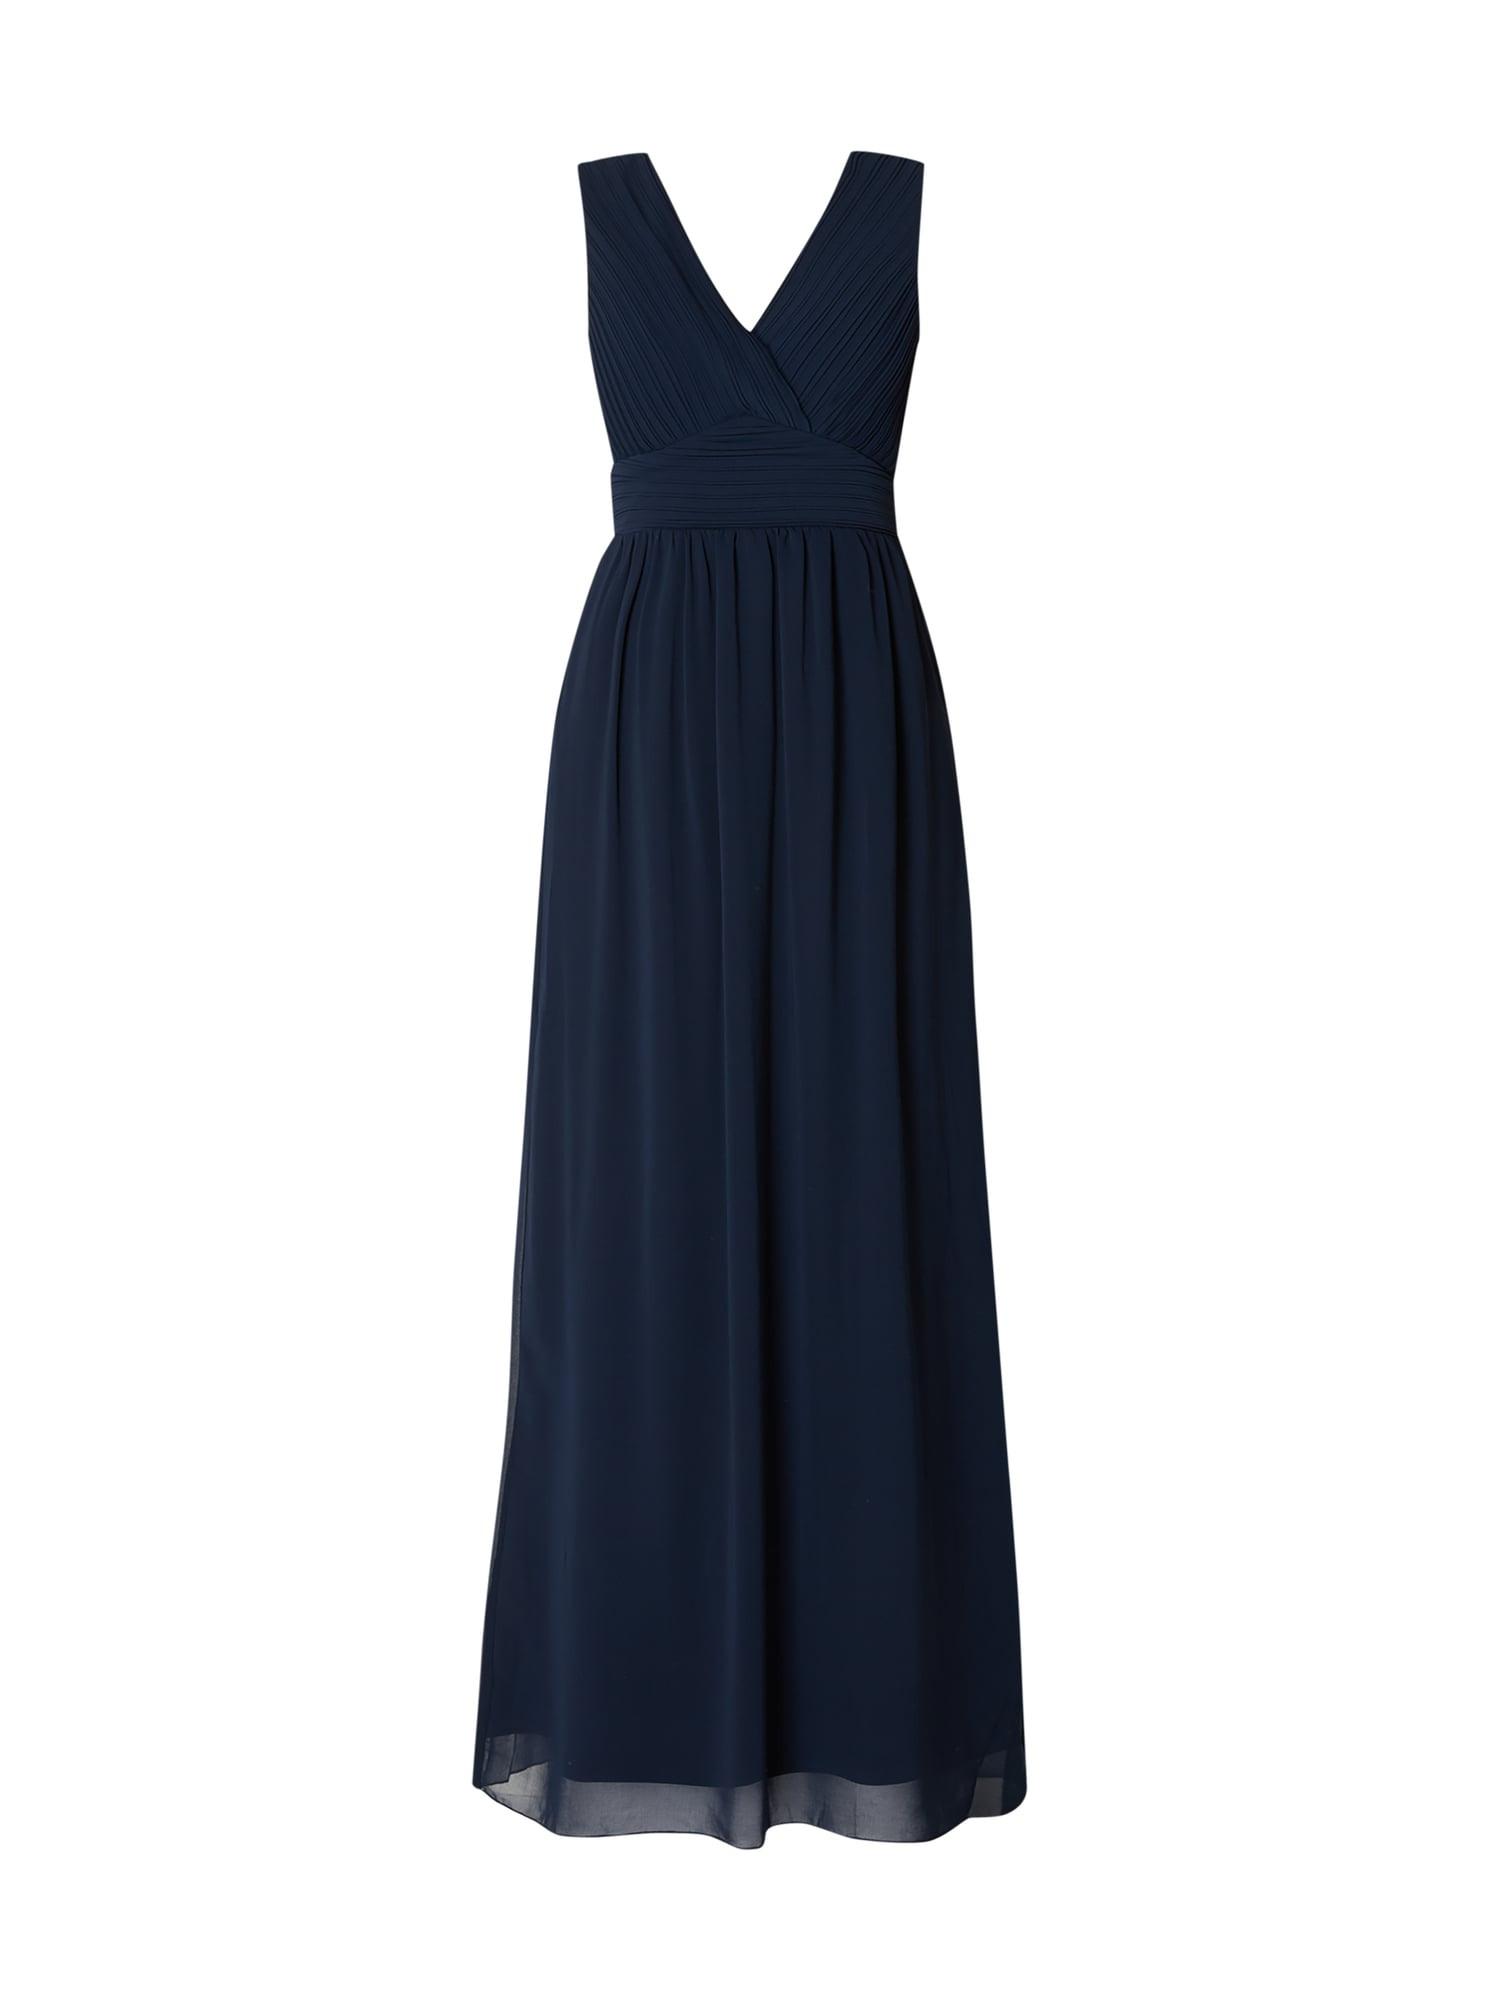 Spektakulär Vila Abendkleid DesignFormal Ausgezeichnet Vila Abendkleid Boutique